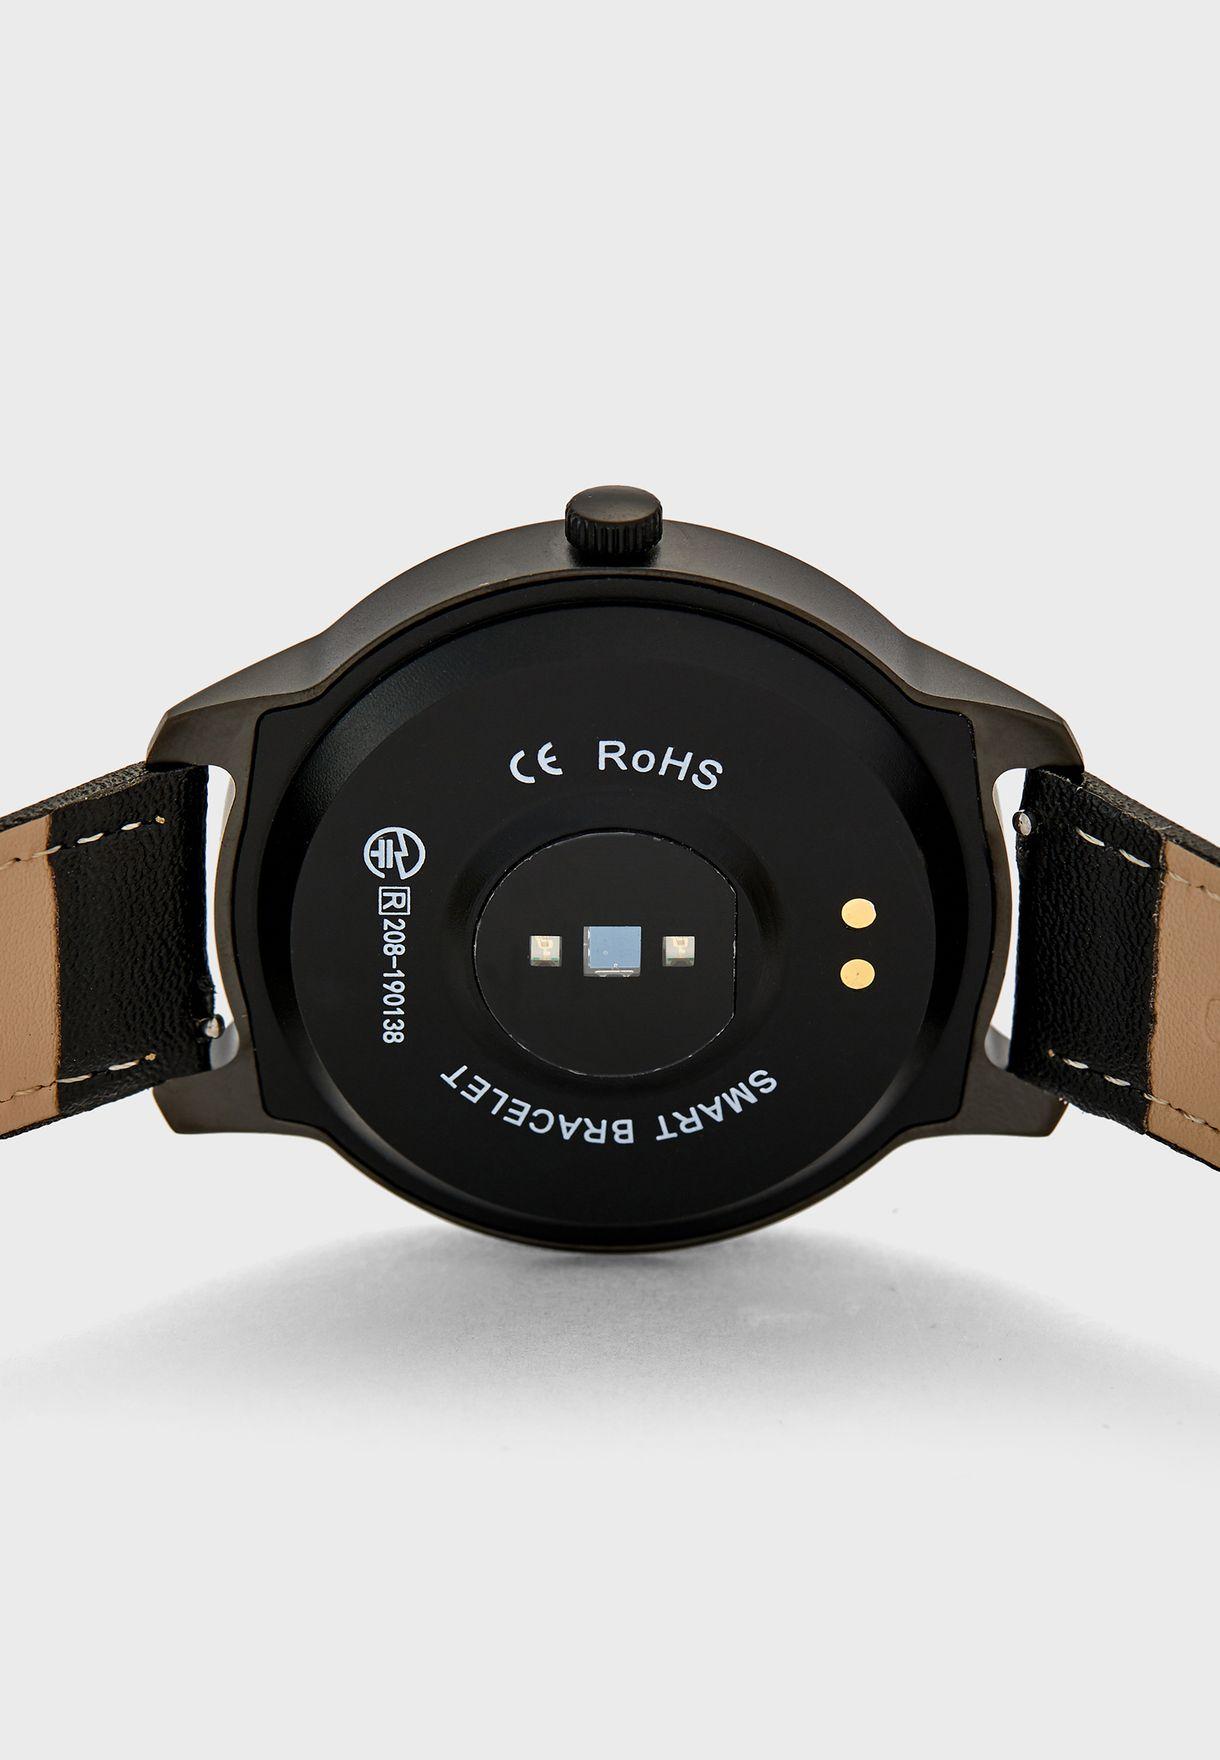 ساعة ذكية مع قياس معدل ضربات القلب